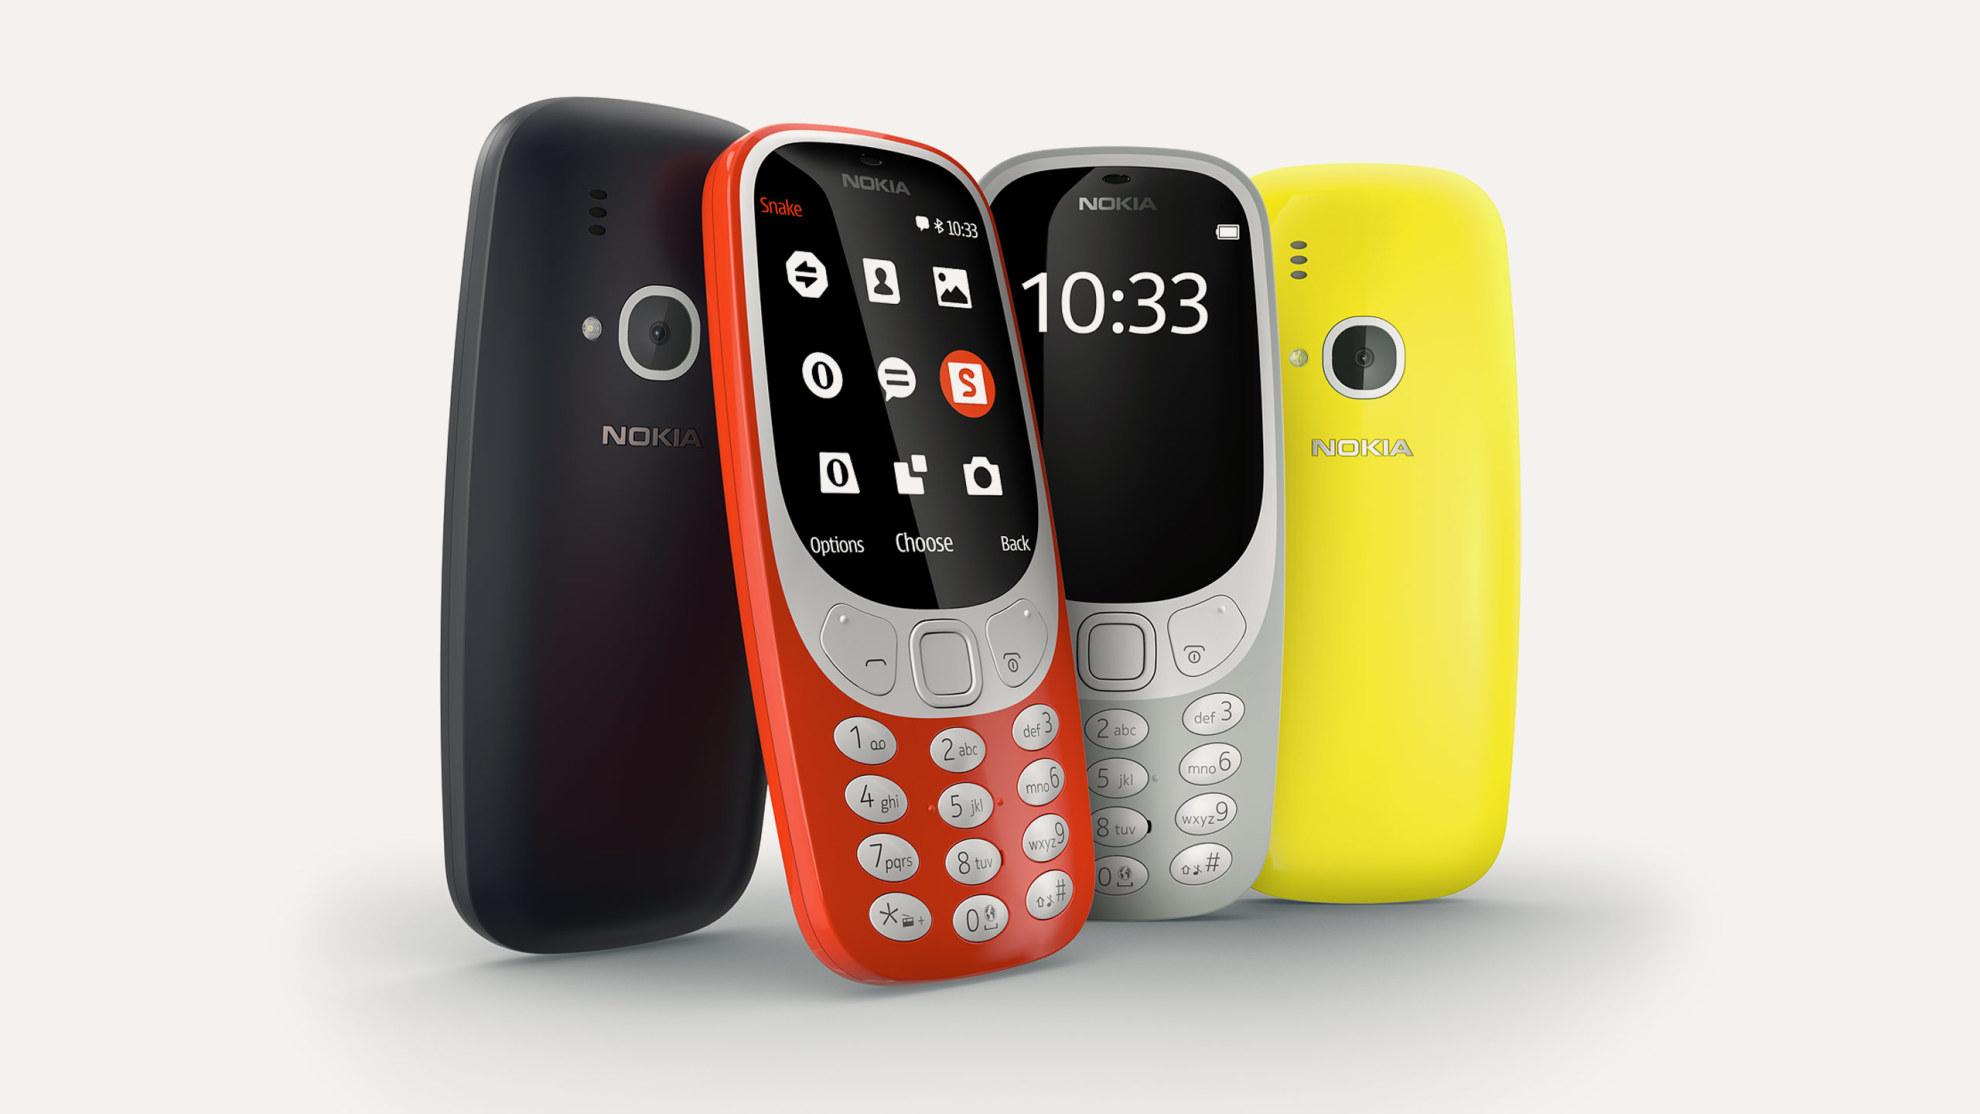 https://images.contentful.com/wcfotm6rrl7u/2MPLcJXewEIacQkWuO8EOa/57311f865f6d298f0716f160f53f49f1/Nokia-3310-BeautyShot.jpg?fm=jpg&w=1980